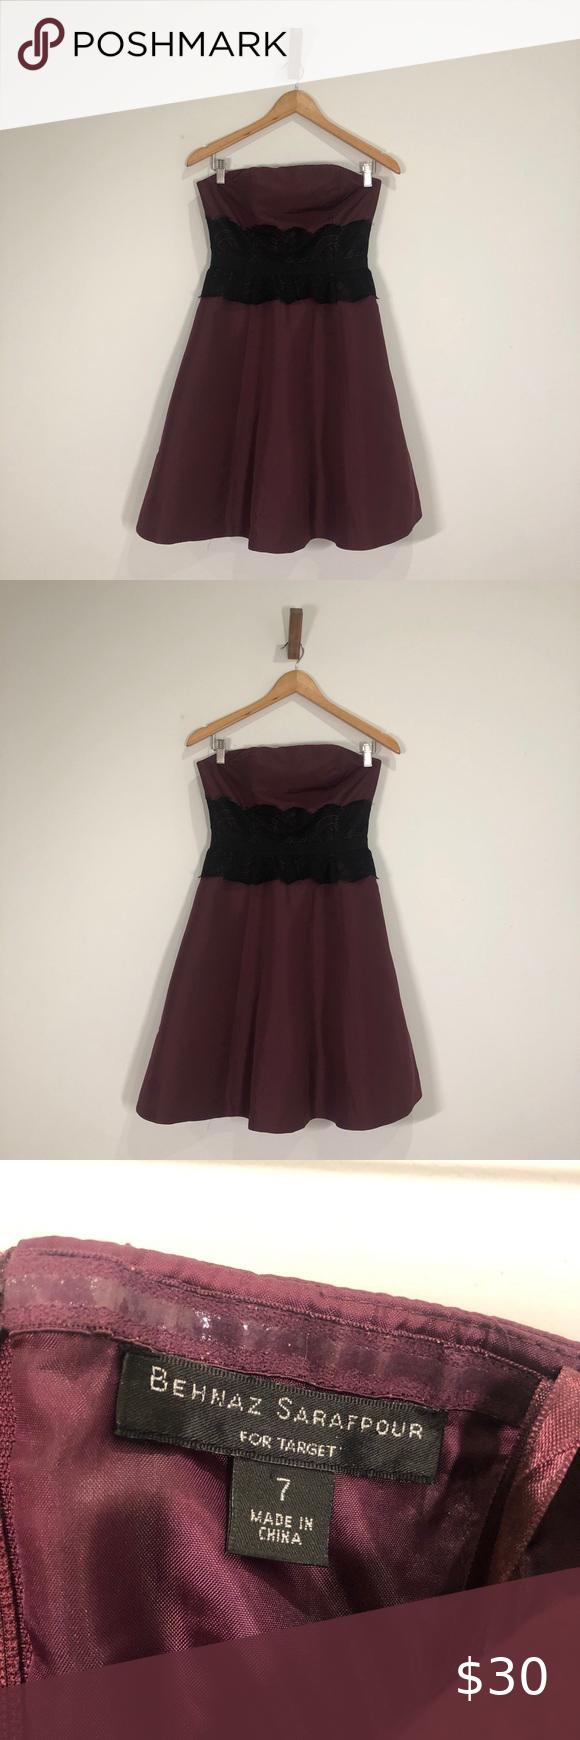 Y2k Cocktail Dress From Designer Behnaz Sarafpour Clothes Design Cocktail Dress Fashion [ 1740 x 580 Pixel ]